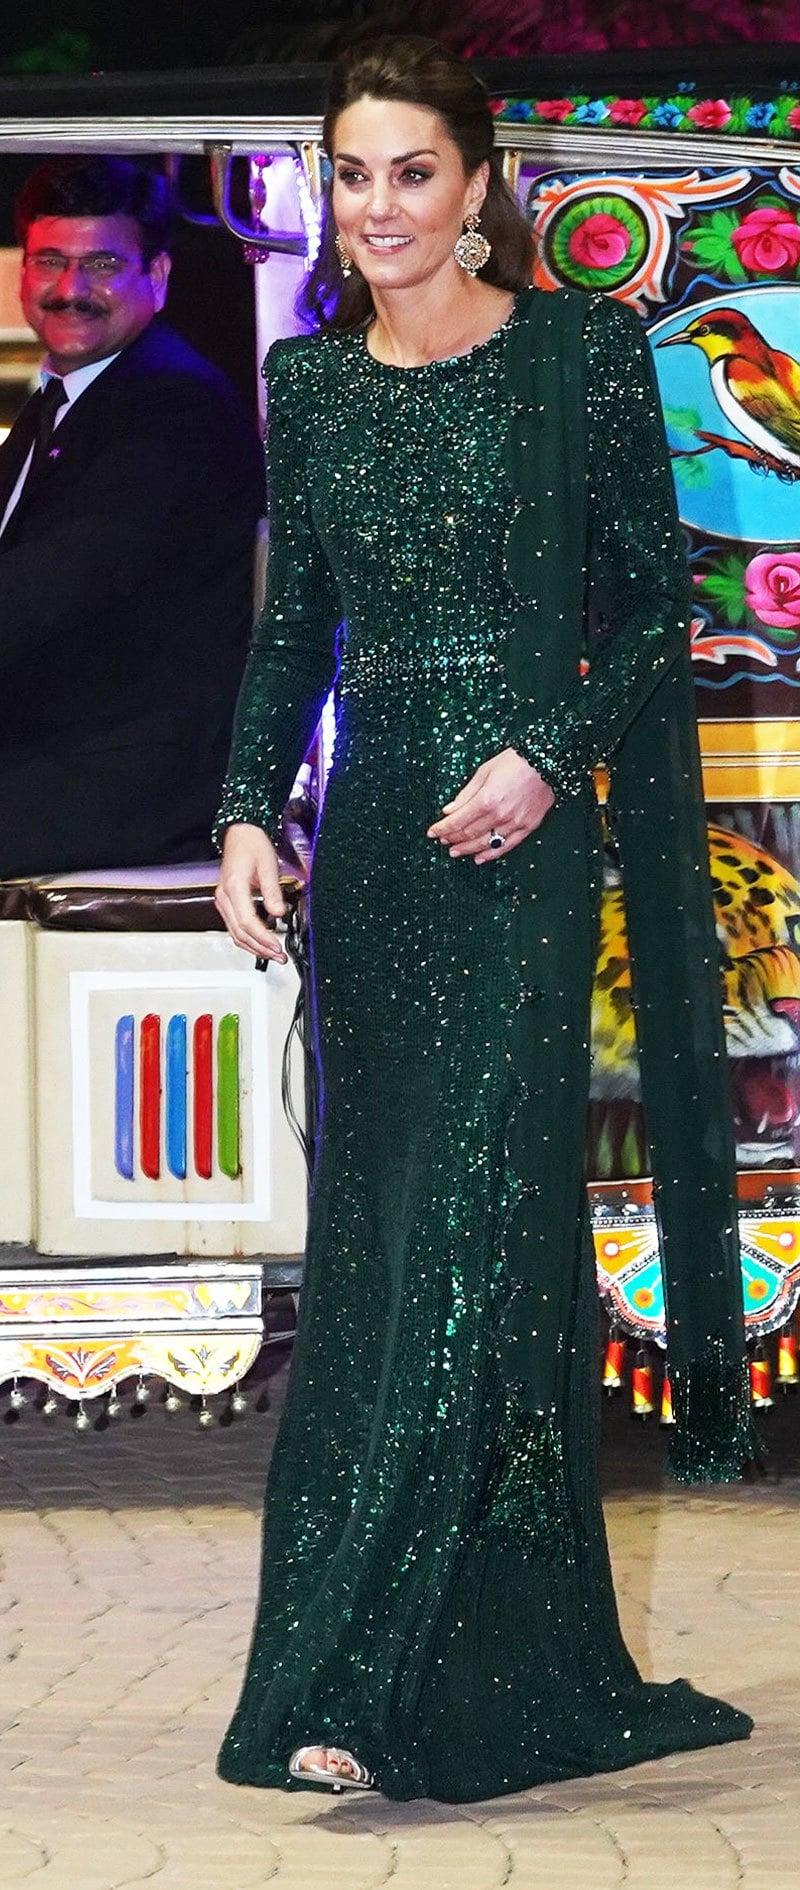 شہزادی مڈلٹن نے زیادہ تر پاکستان کے قومی پرچم کے رنگ سے مشابہہ رنگ کے لباس پہنے—فوٹو: ٹوئٹر